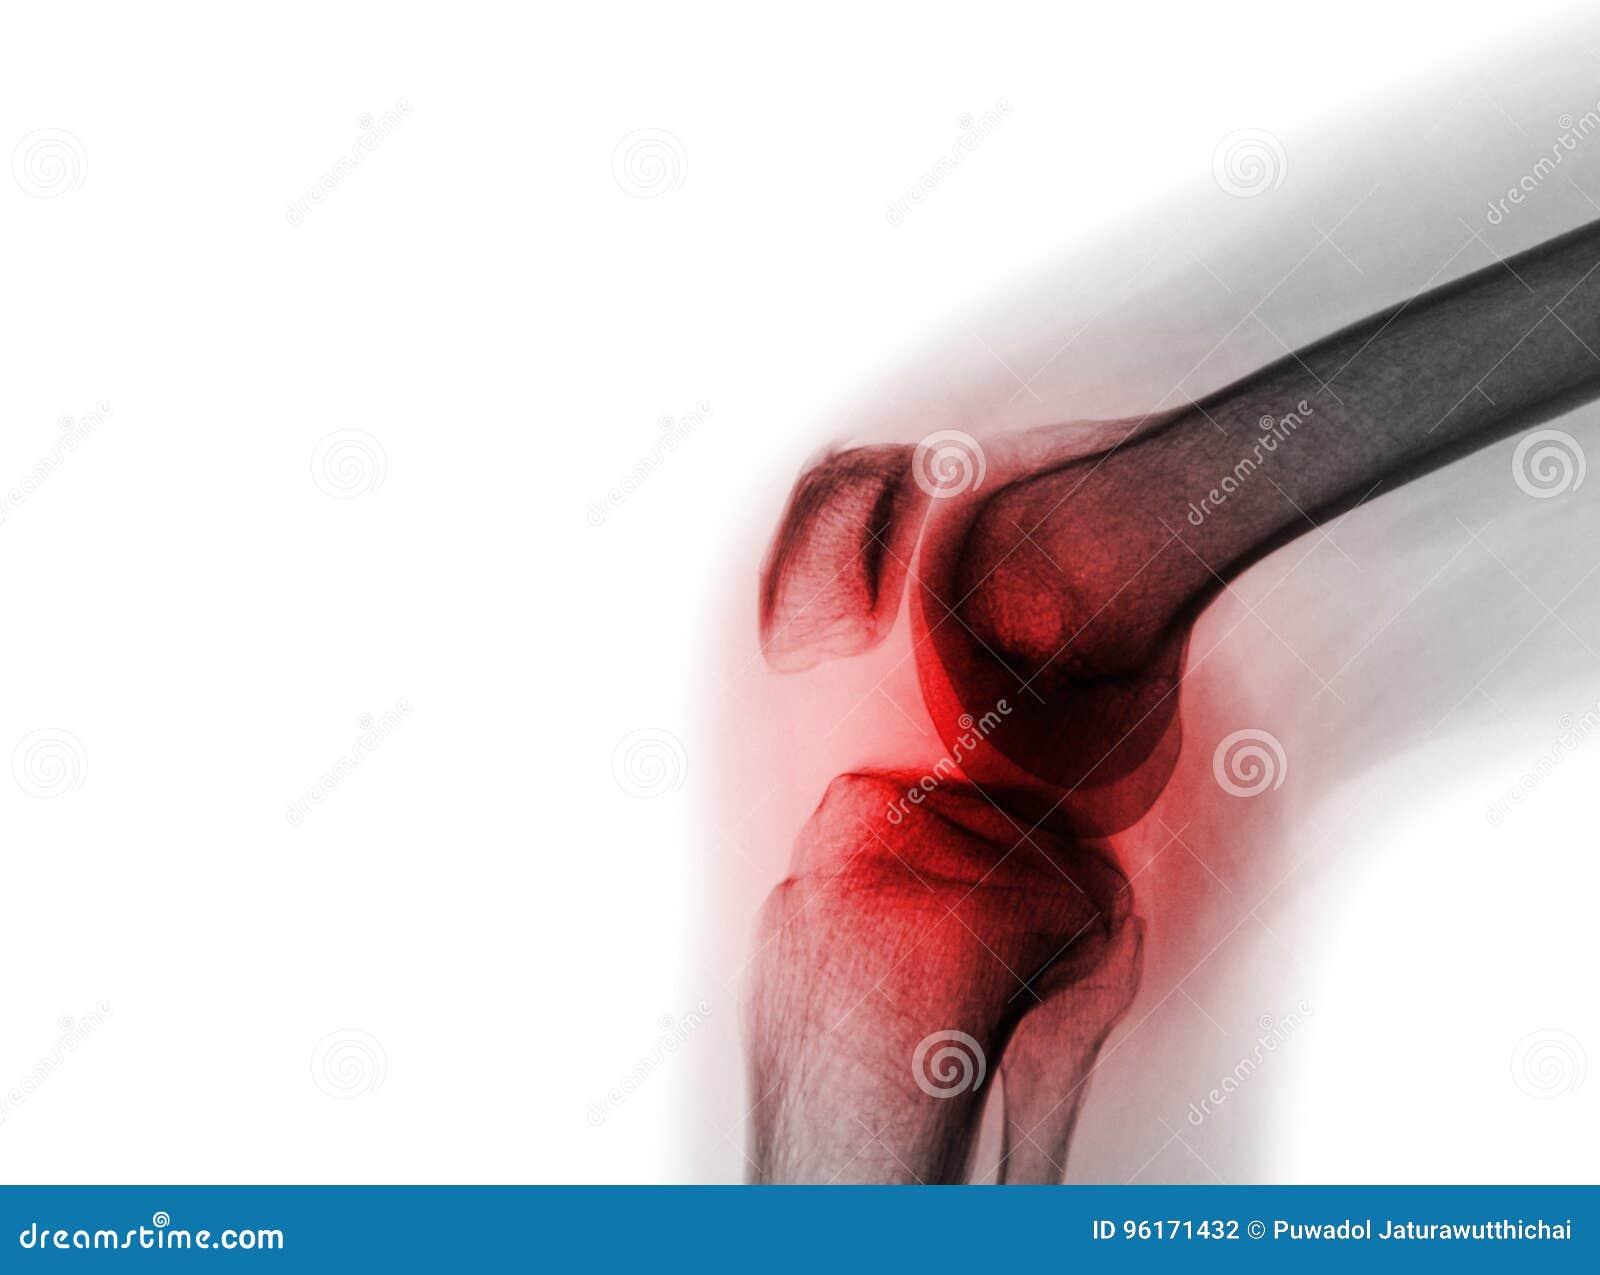 Των ακτίνων X ένωση γονάτων ταινιών με την αρθρίτιδα & x28  Gout, Rheumatoid αρθρίτιδα, σηπτική αρθρίτιδα, γόνατο οστεοαρθρίτιδας